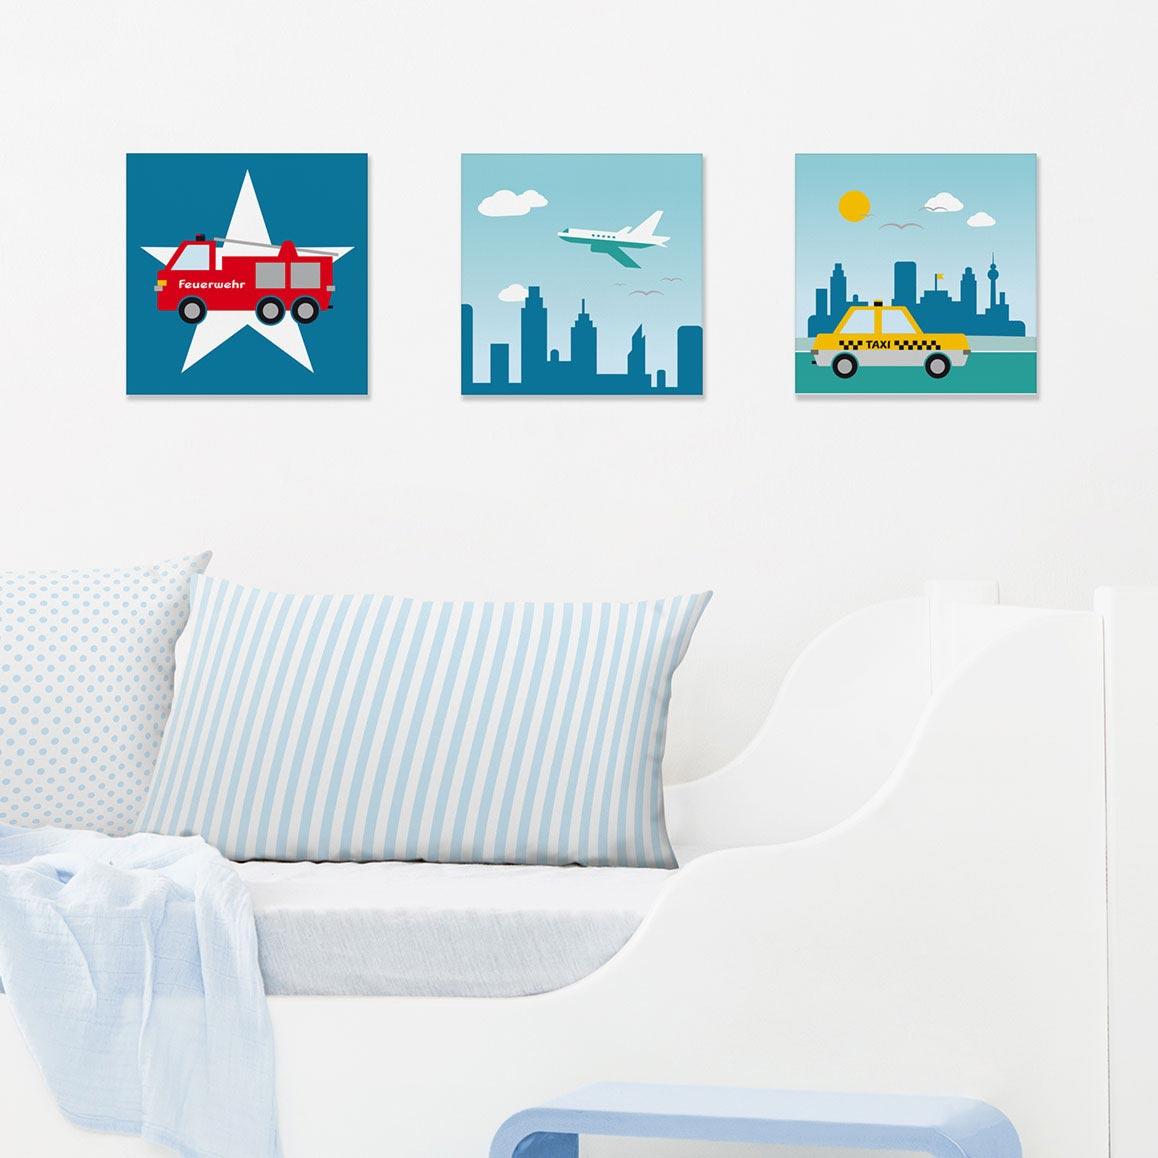 Bilder-Set mit Stadtmotiven, City by Day